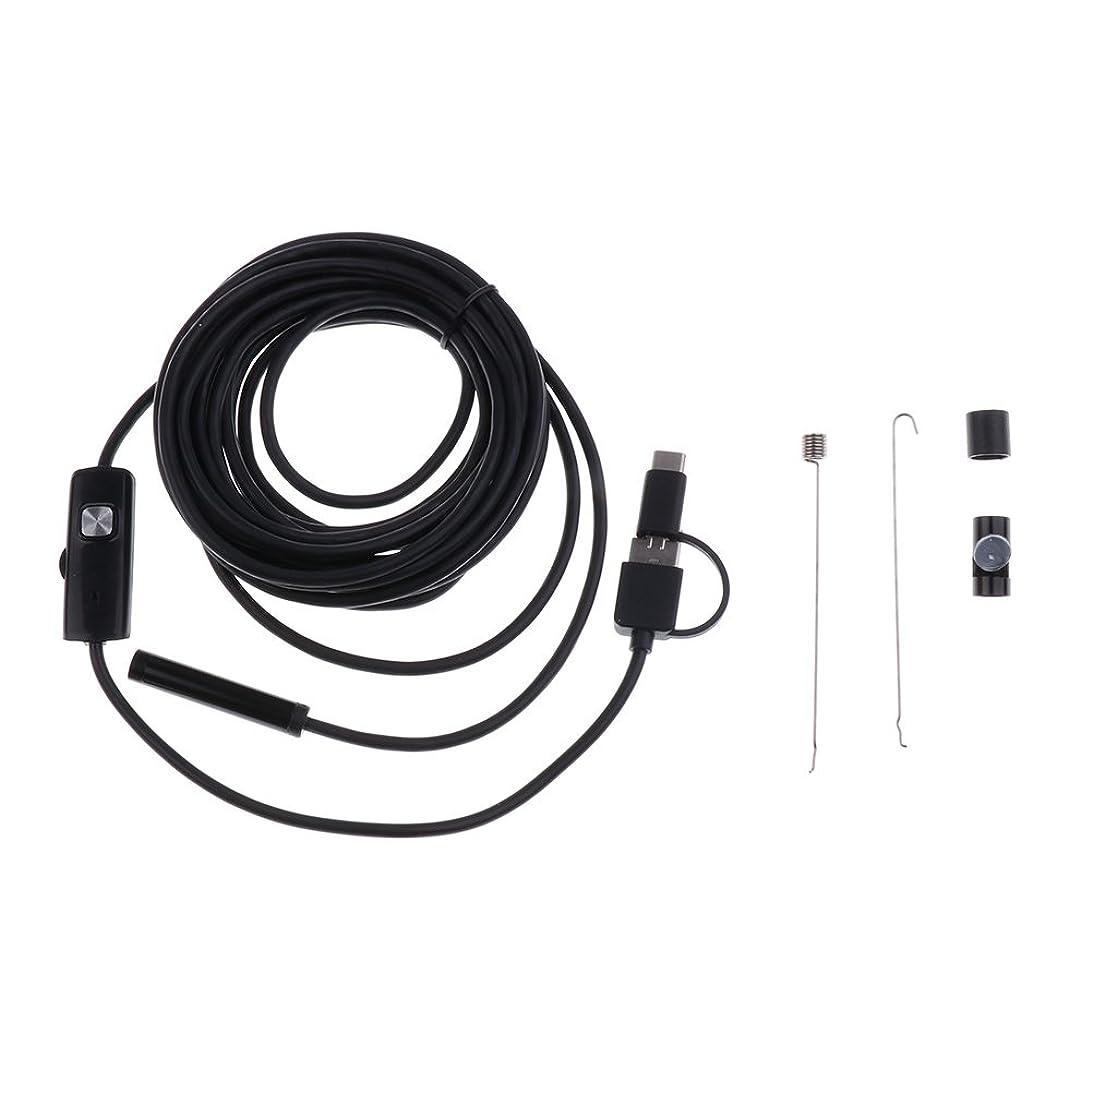 引き渡すチャンピオン背骨内視鏡カメラ 検査カメラ USBボアスコープ 防水 6LEDライト 明るさ調節可能 レンズ径:8mm Android PC用 - ブラック, 5m